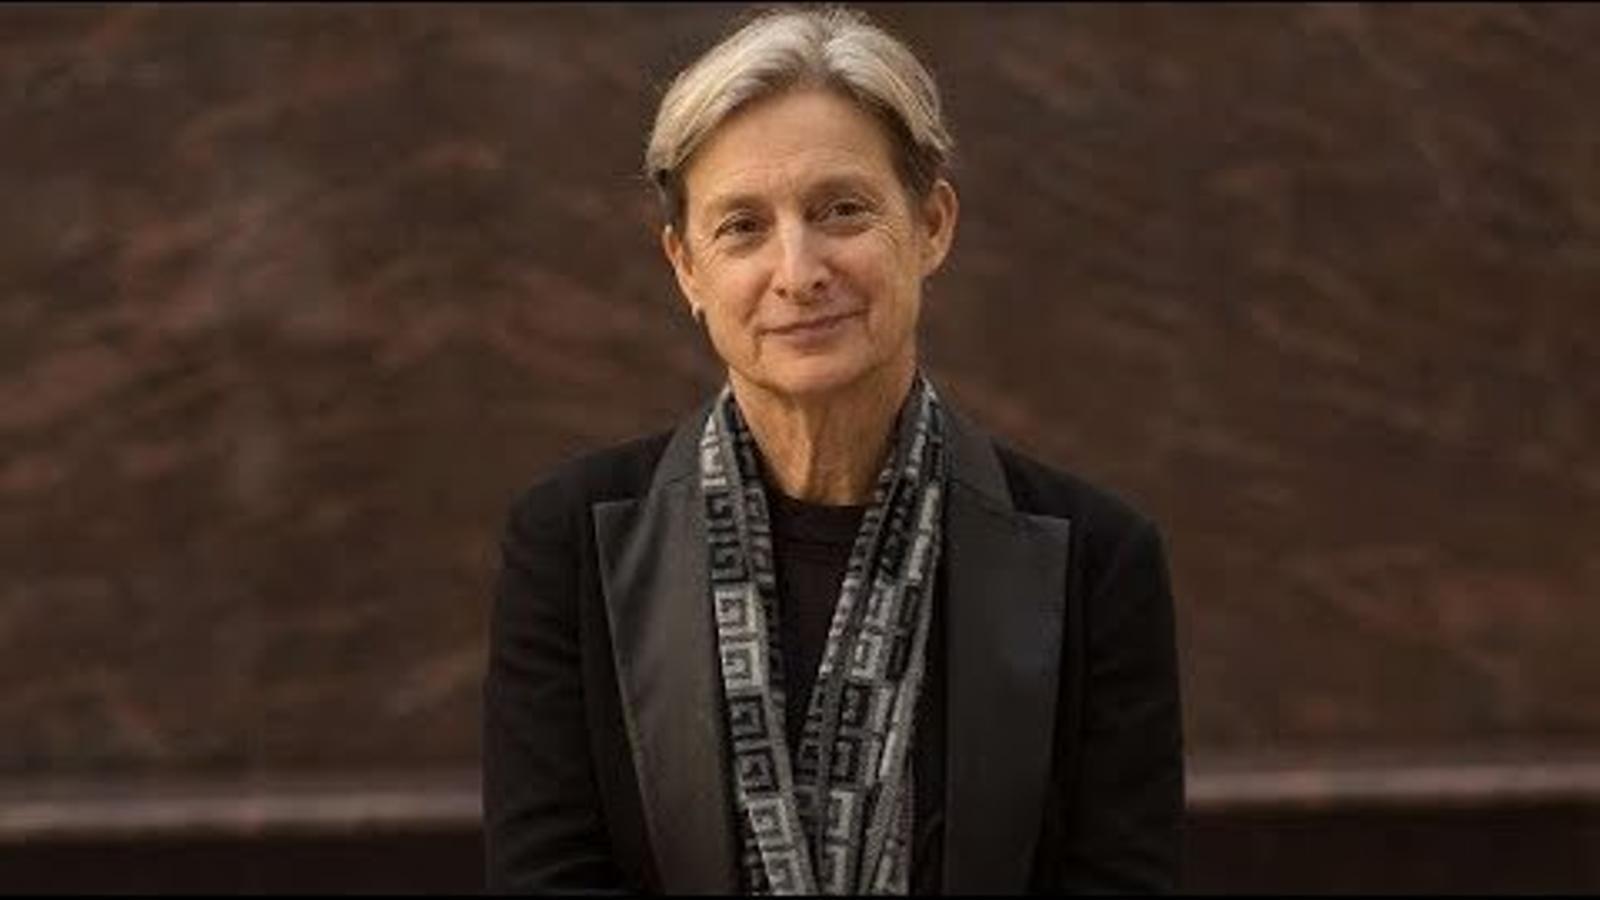 Conferència de Judith Butler al CCCB: 'L'ètica i la política de la no-violència'